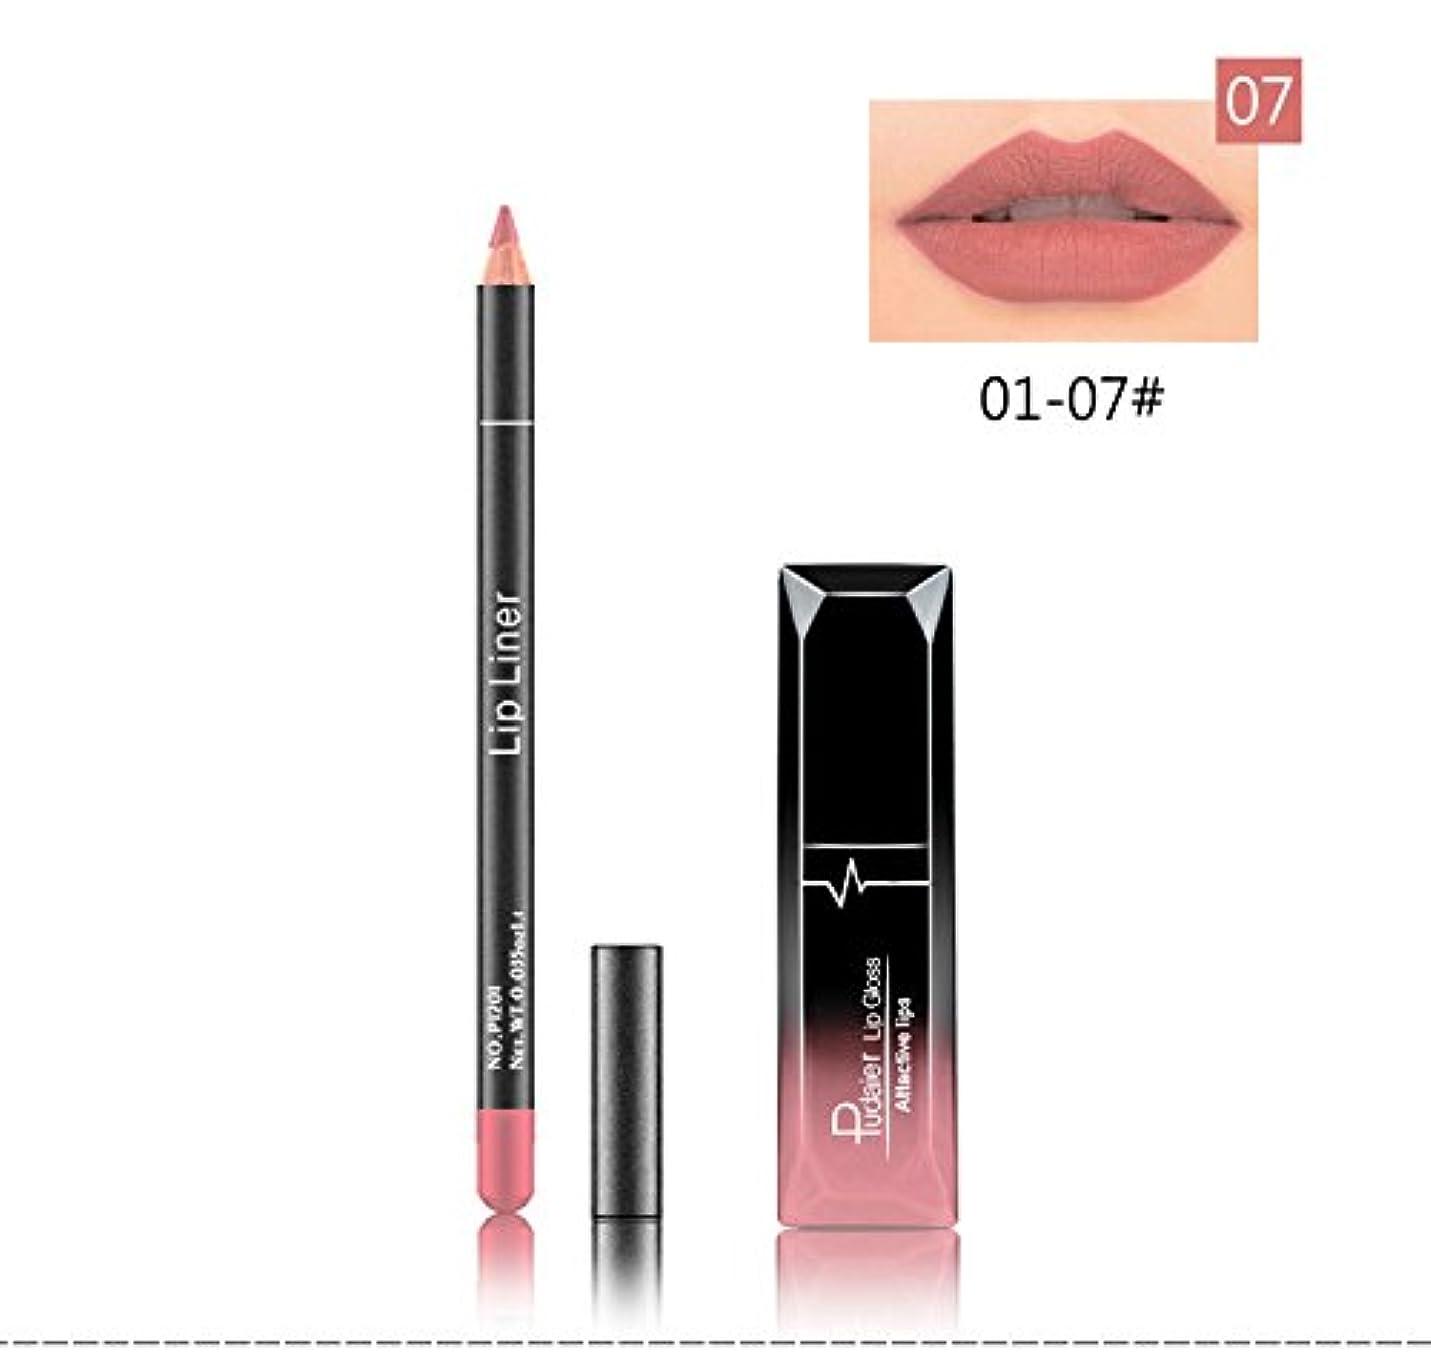 寄生虫タクシーマニアック(07) Pudaier 1pc Matte Liquid Lipstick Cosmetic Lip Kit+ 1 Pc Nude Lip Liner Pencil MakeUp Set Waterproof Long...